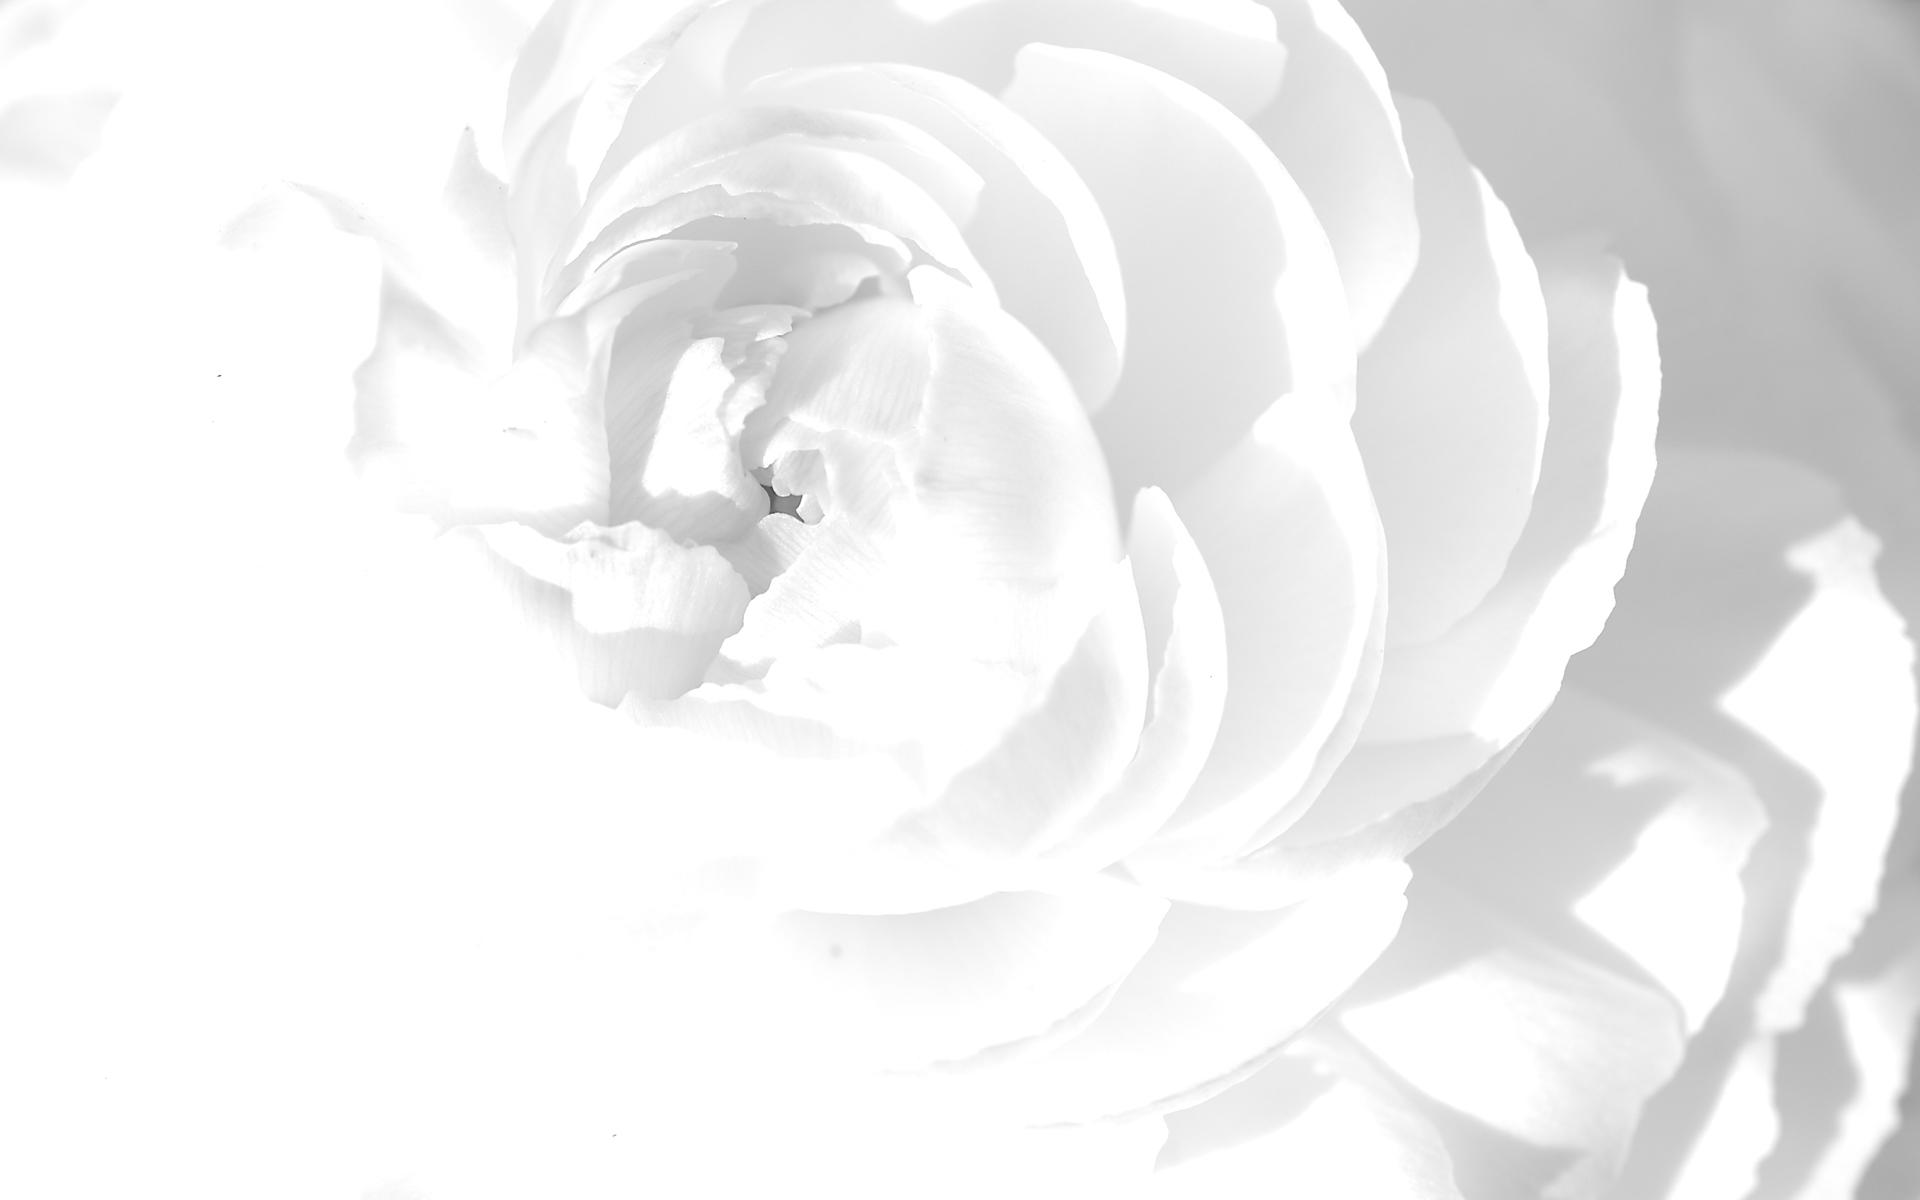 صوره خلفية بيضاء ساده , اجمل الخلفيات البيضاء